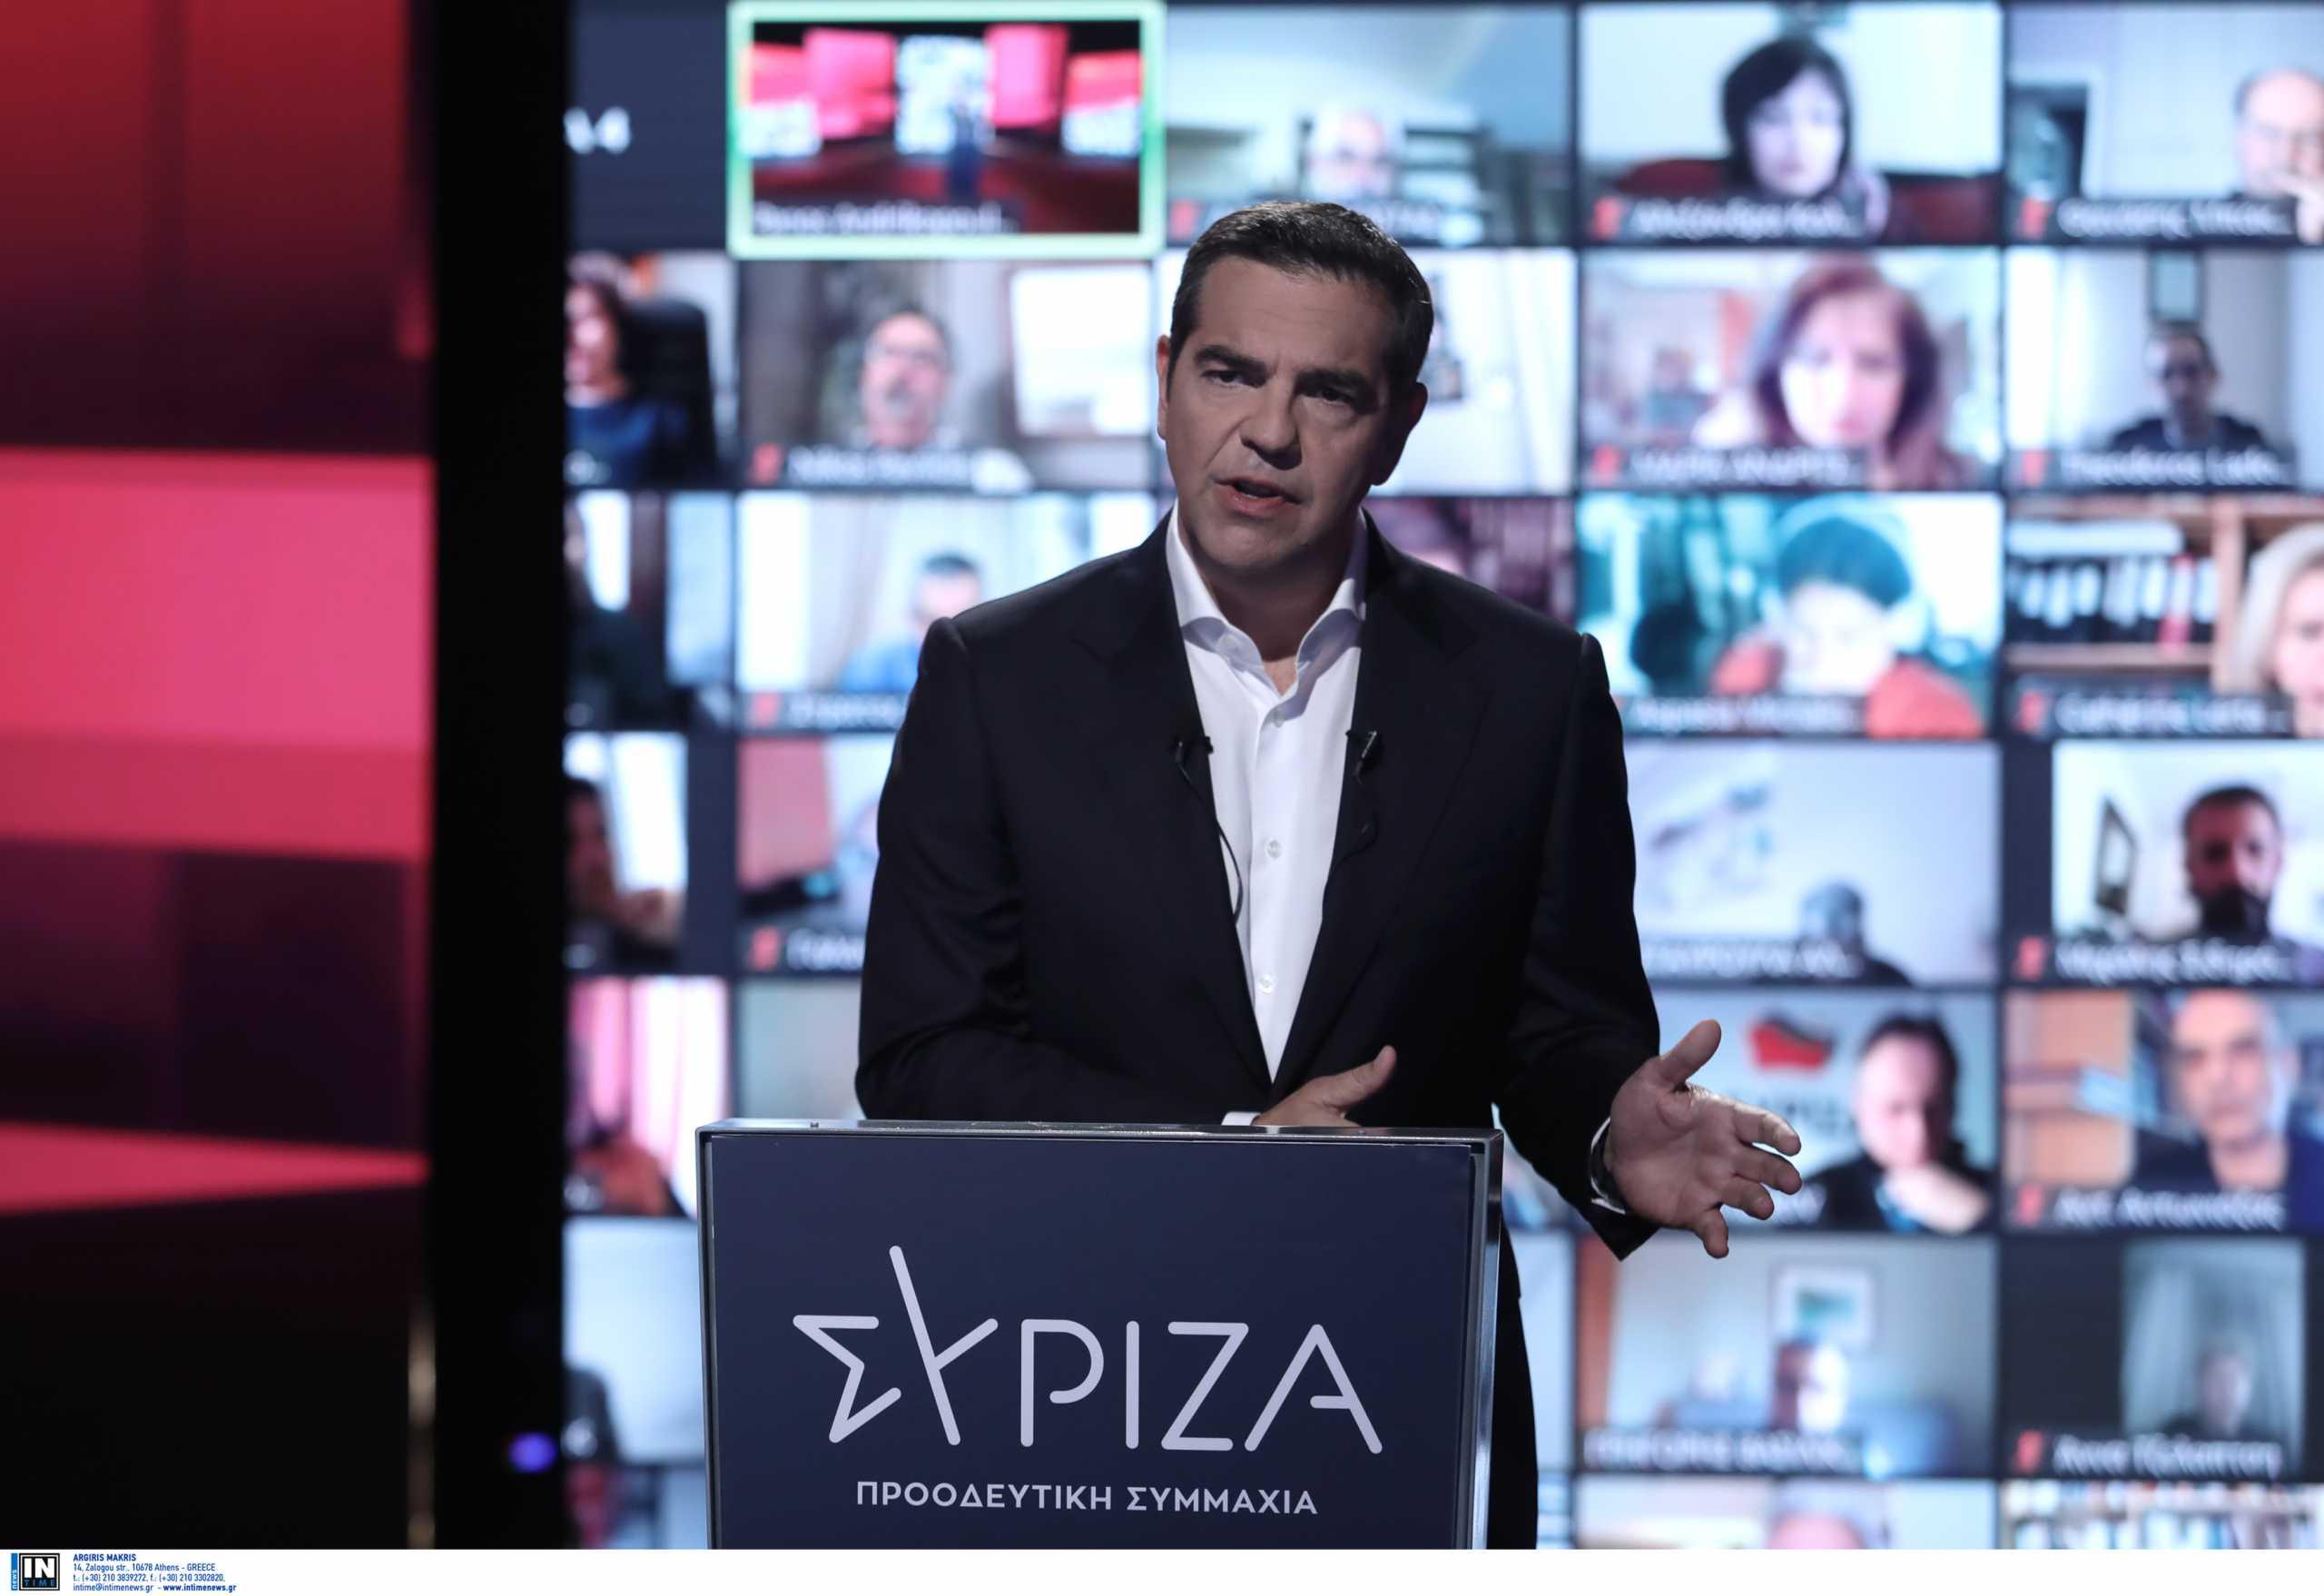 ΣΥΡΙΖΑ: Το Μαξίμου έχει χάσει τον έλεγχο, προσπαθεί να χειραγωγήσει ρυθμούς